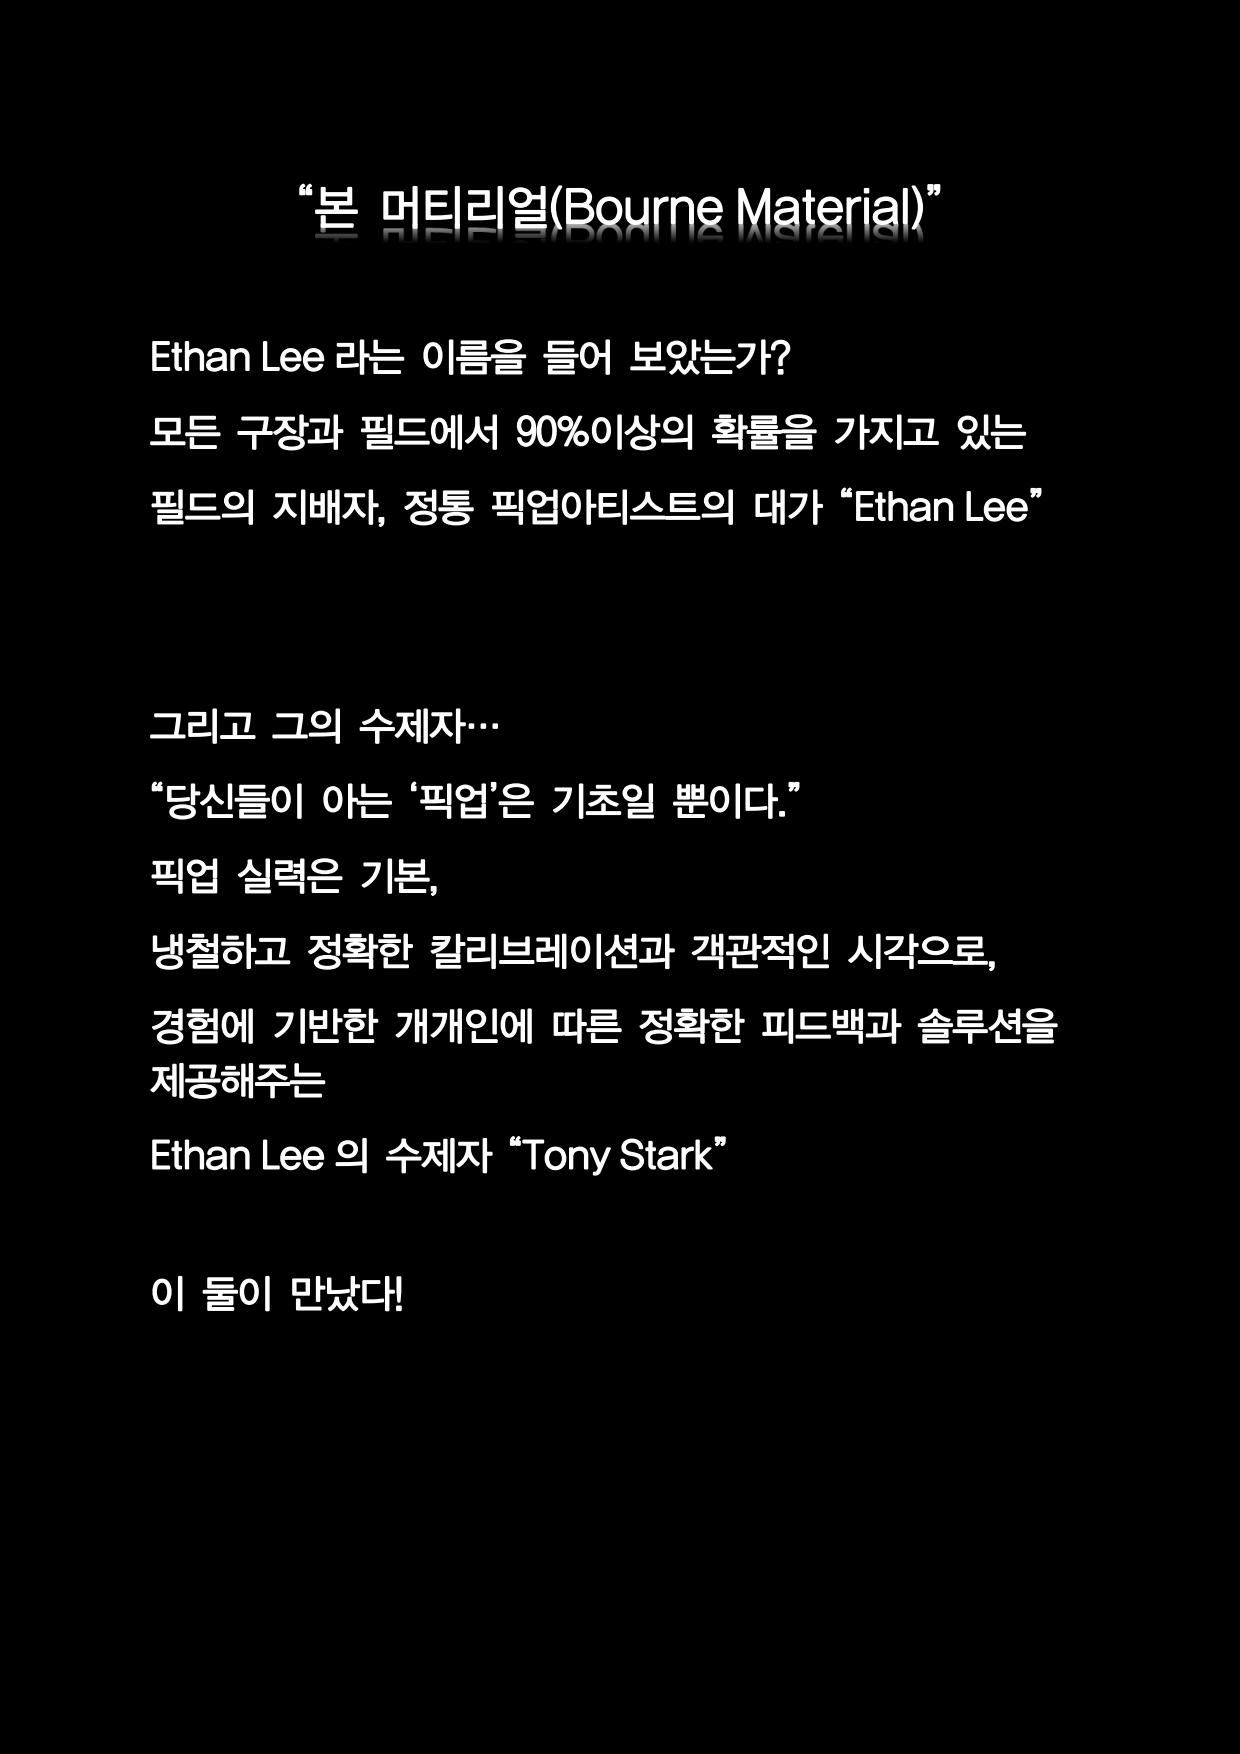 본 머티리어 1회차 홍보글(폰트 포함)_03.png